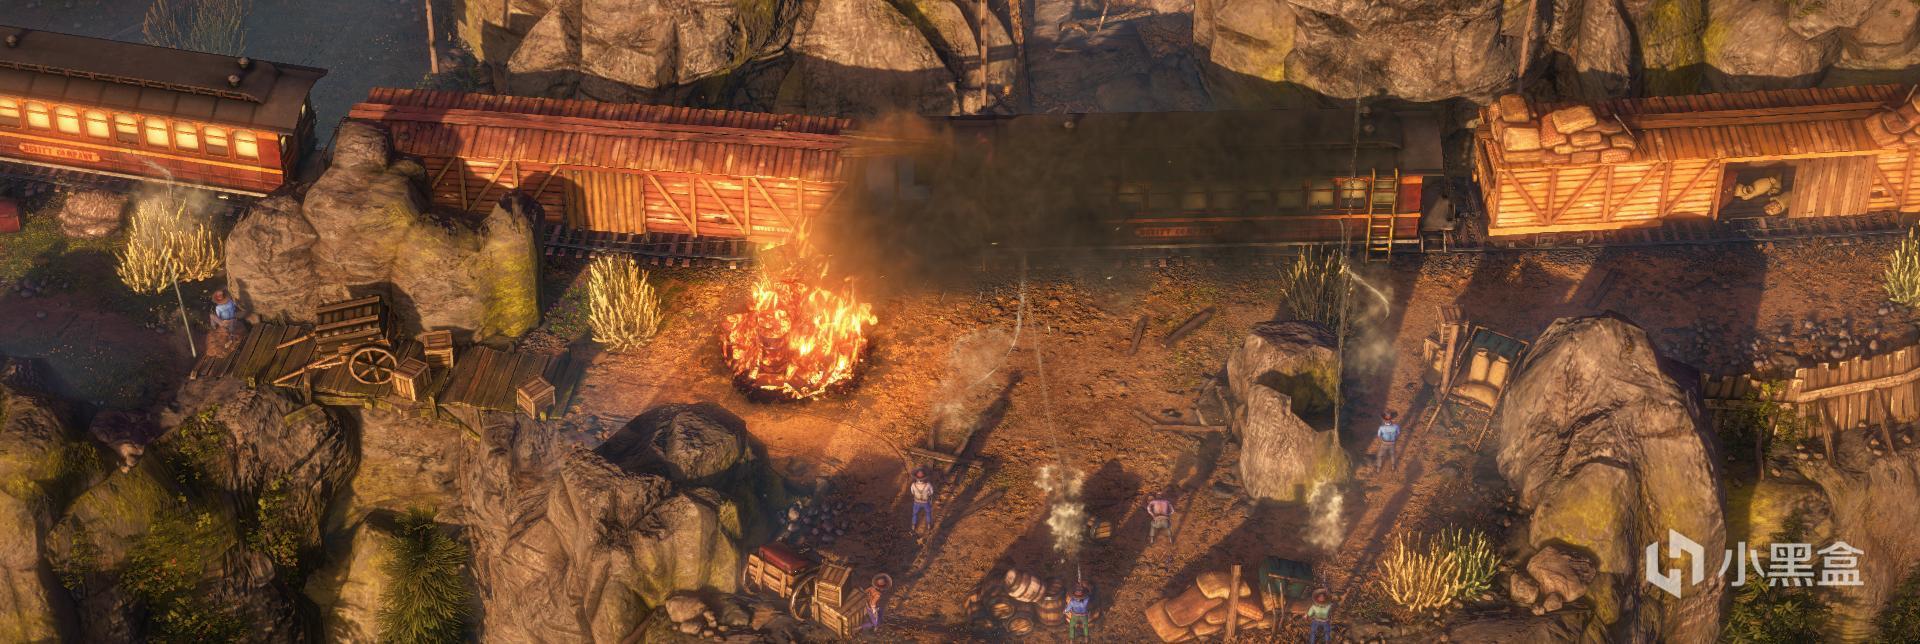 """《赏金奇兵3》评测:即时战术与剧情的巧妙结合构建的""""残酷""""西部世界"""